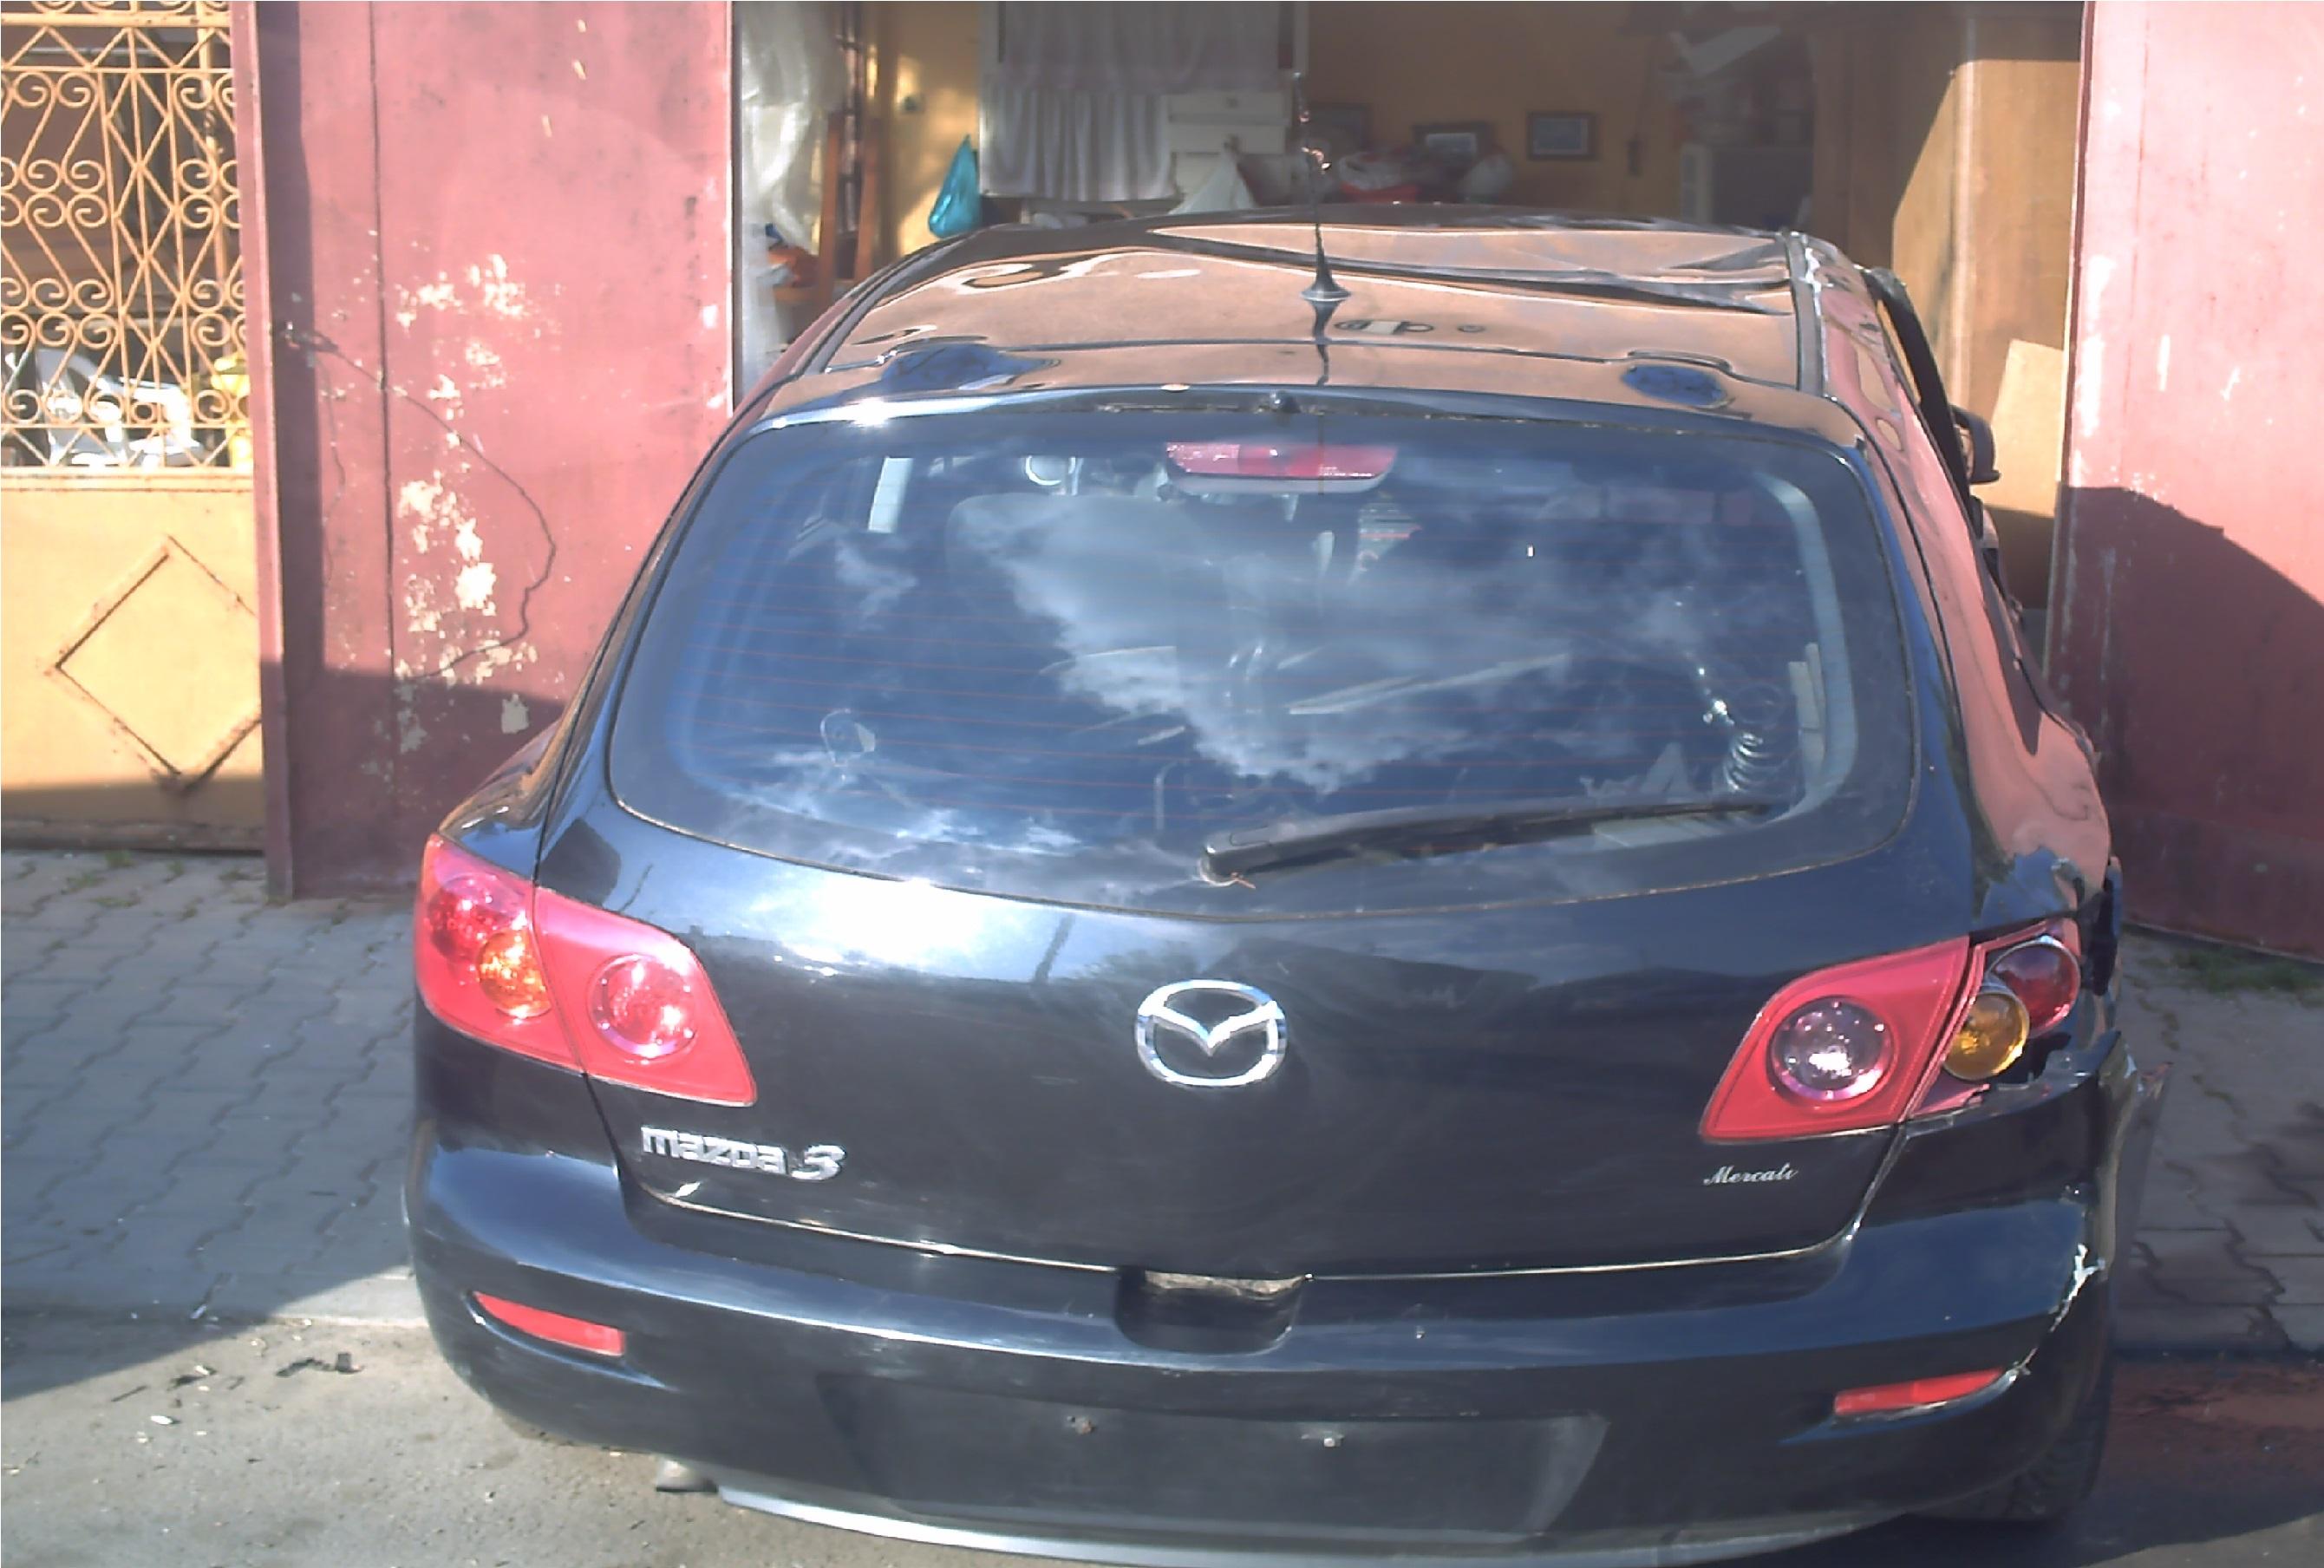 Dezmembrez Mazda 3 2005 Diesel Hatchback - 02 Mai 2013 - Poza 1